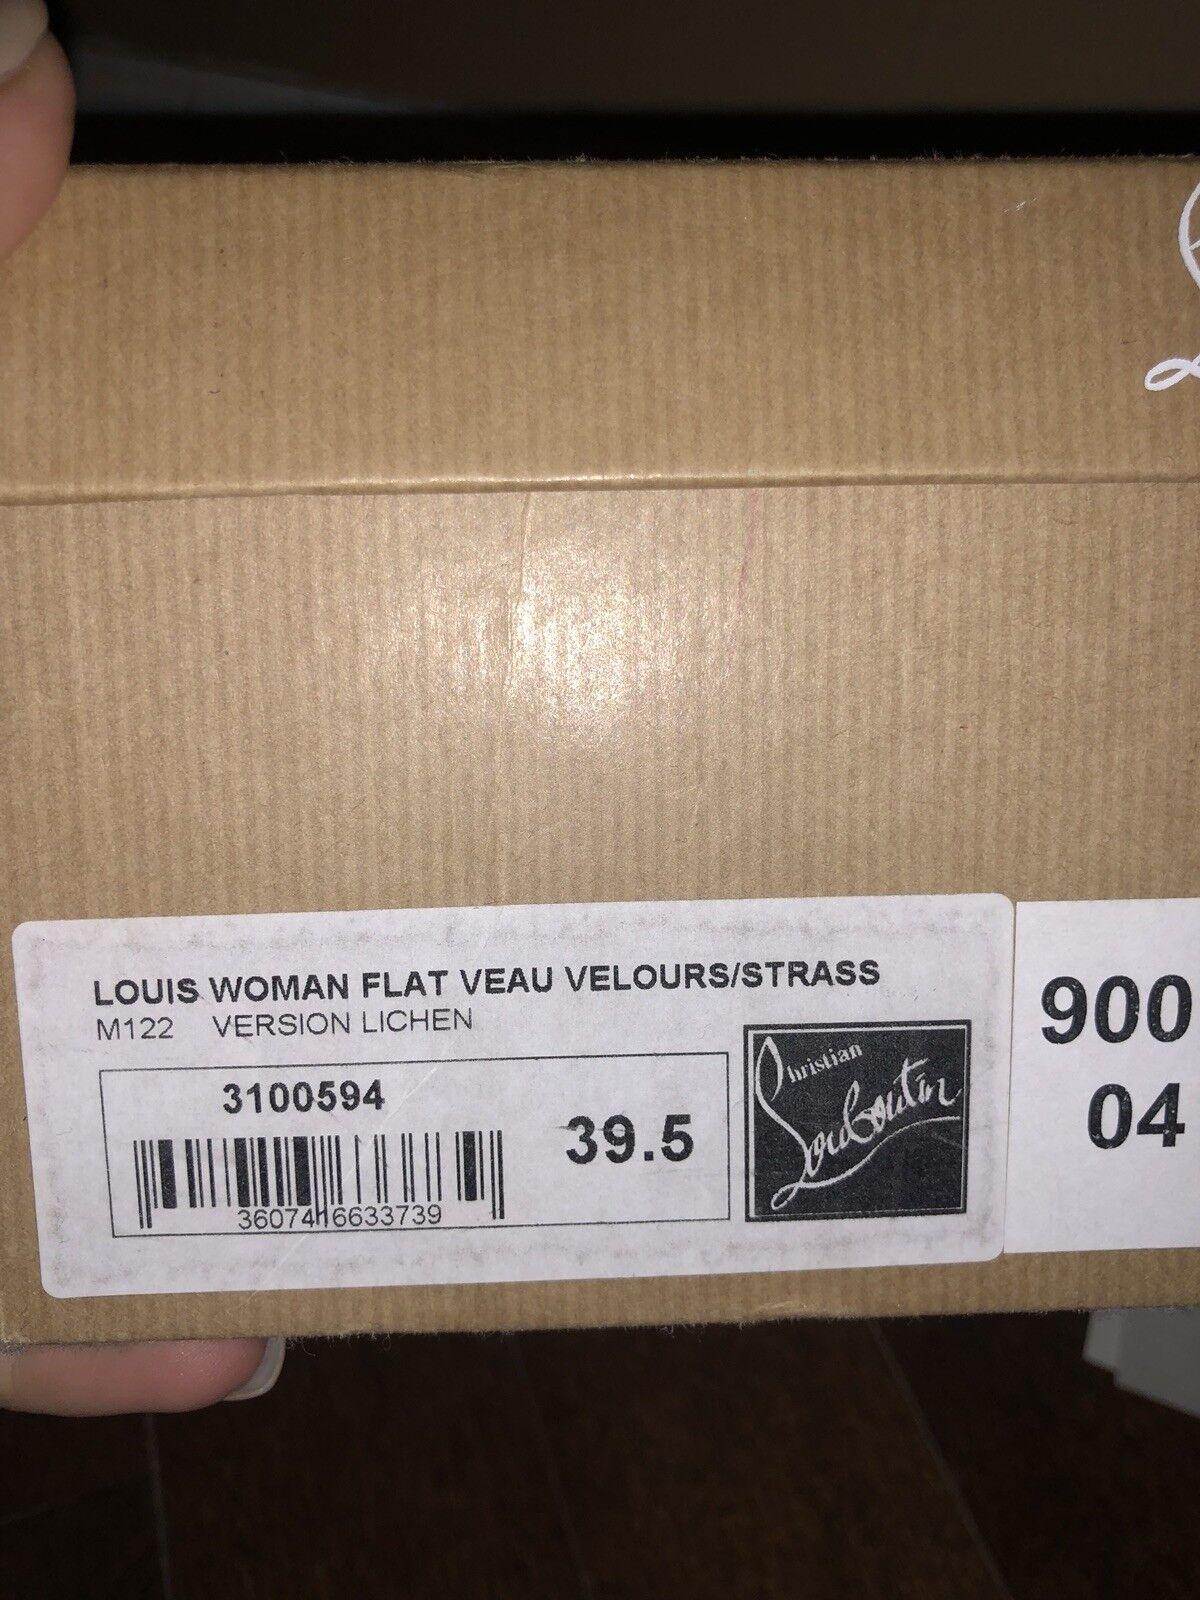 Christian Christian Christian Louboutin 39.5 Louis Flat VEAU Velours fc91ce